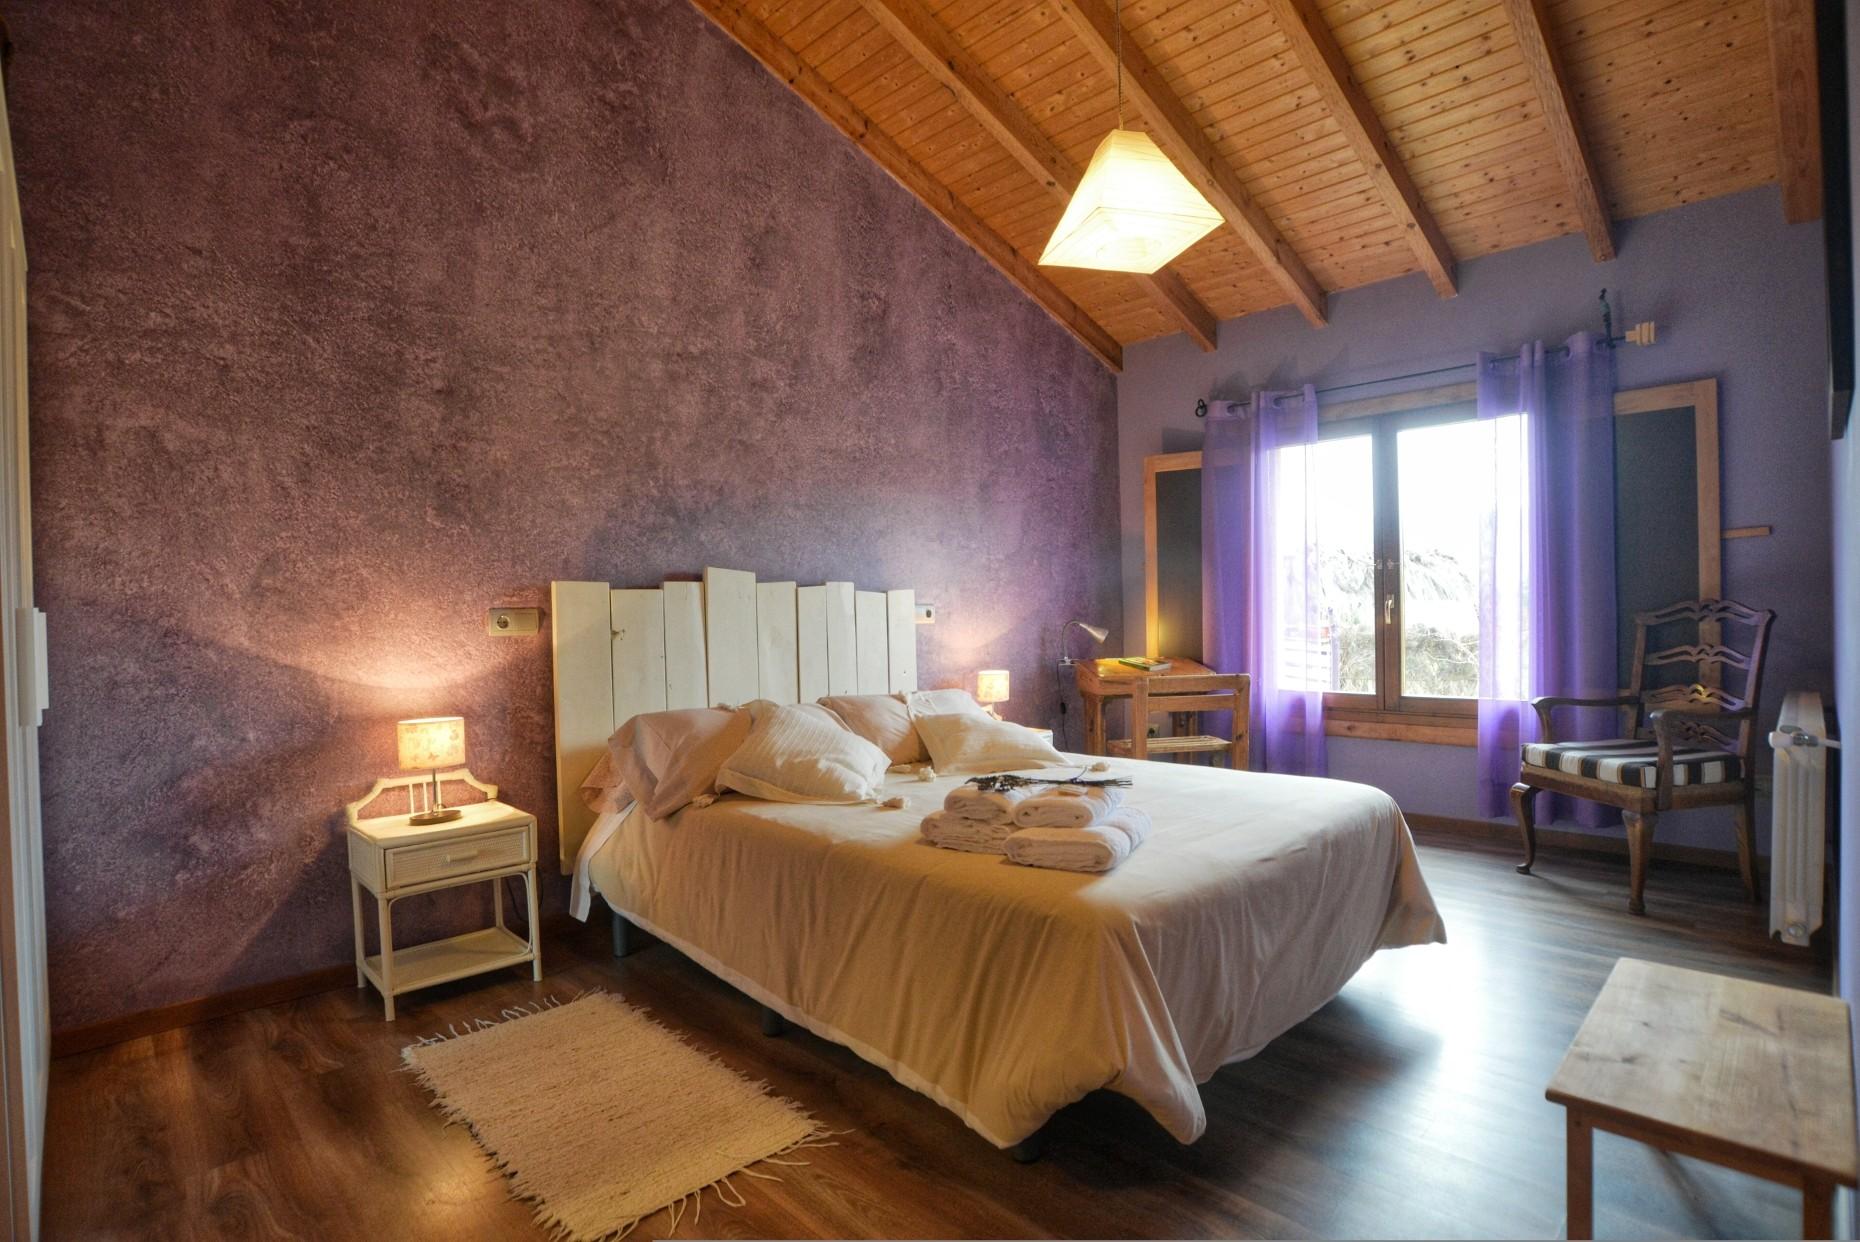 Casa rural La Magia - El Mayulon - Luminosa habitacion dormitorio